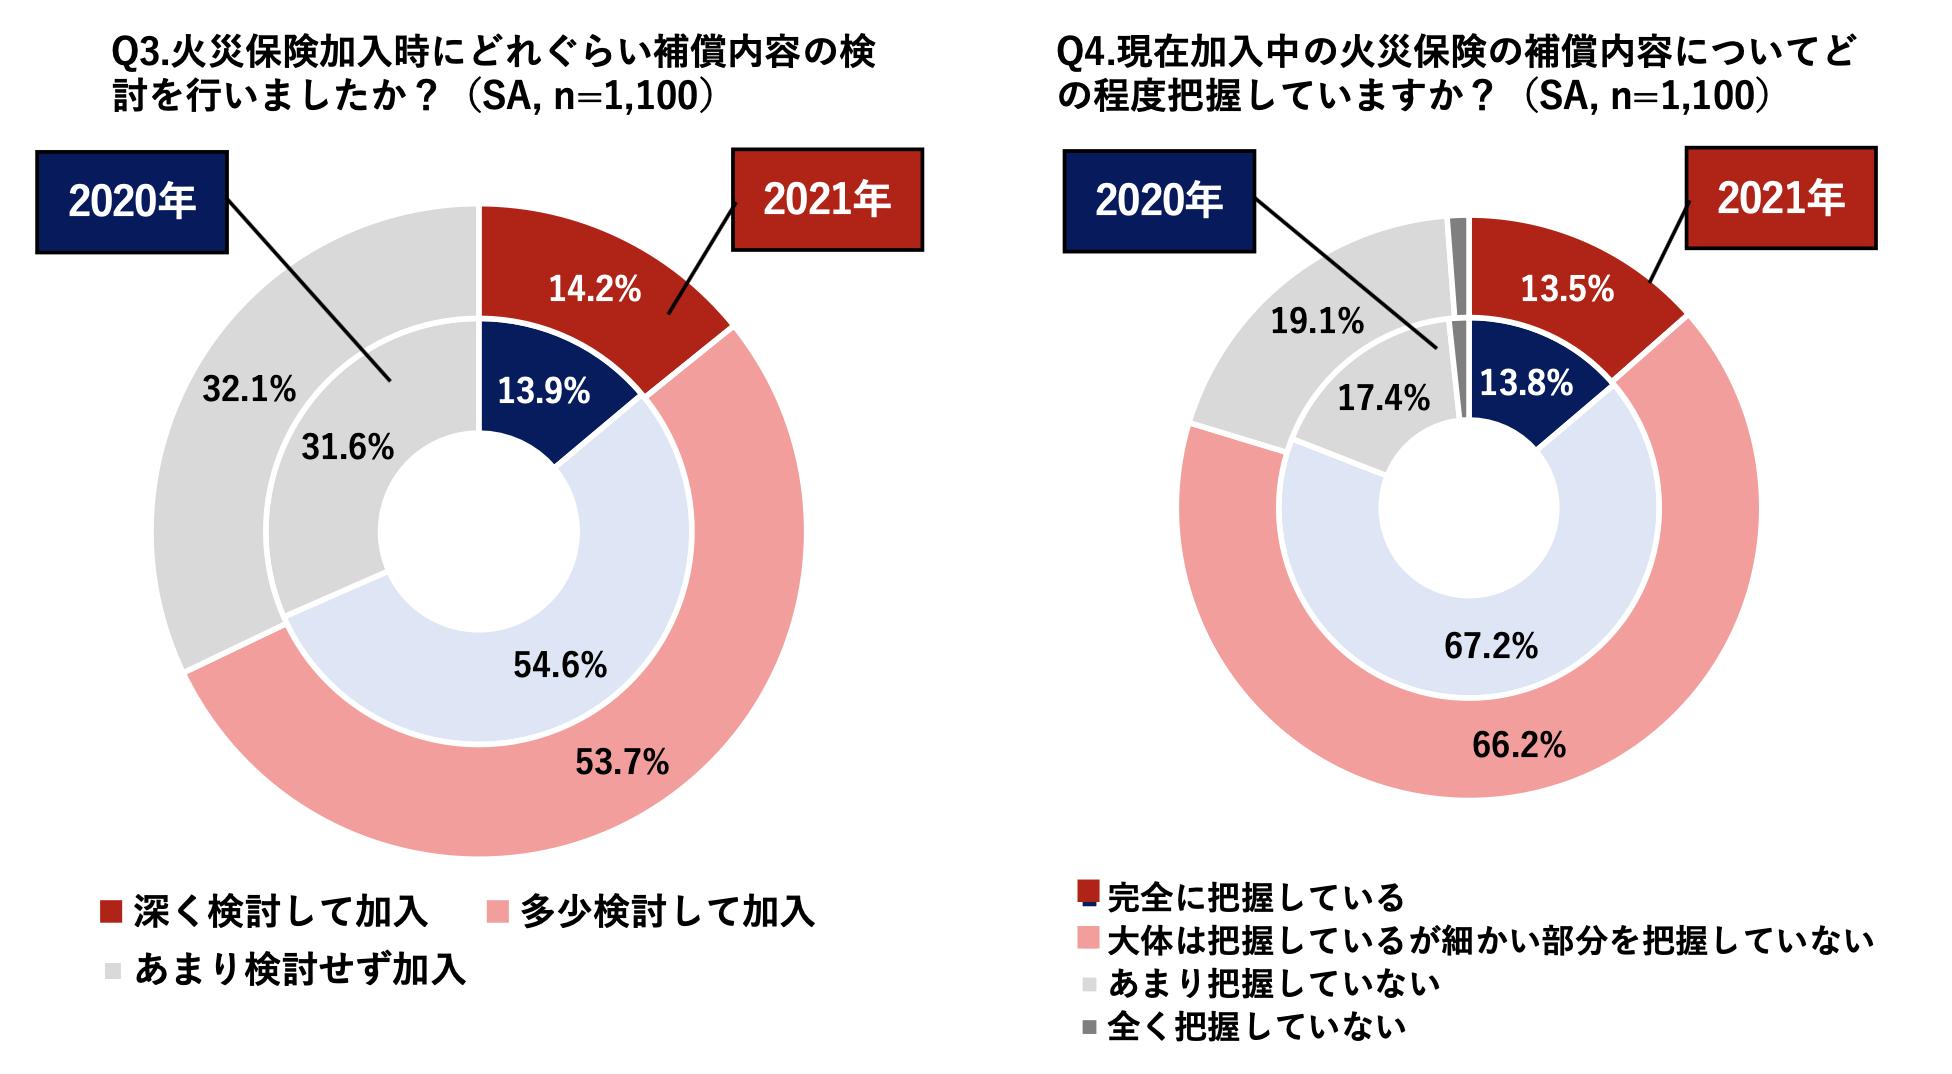 ※記載のサンプル数は2021年調査の数値。(2020年調査のサンプル数:1,087、Q2は608)